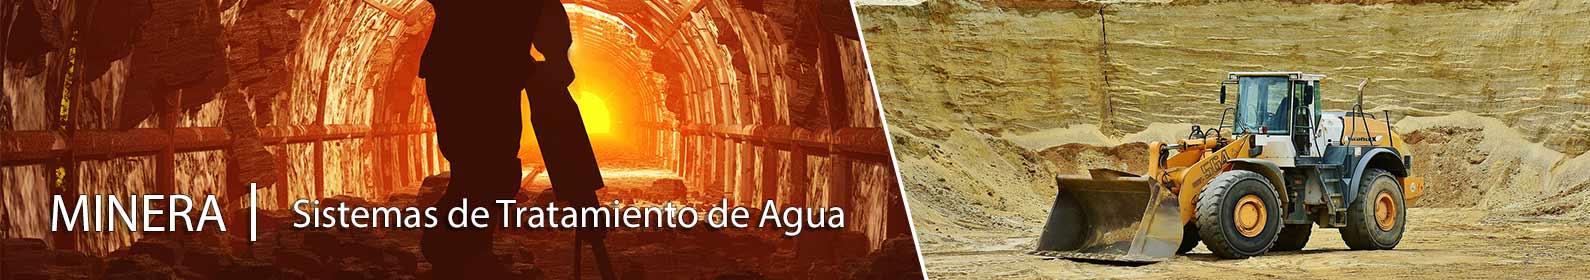 sistemas-de-tratamiento-de-agua-minera.jpg